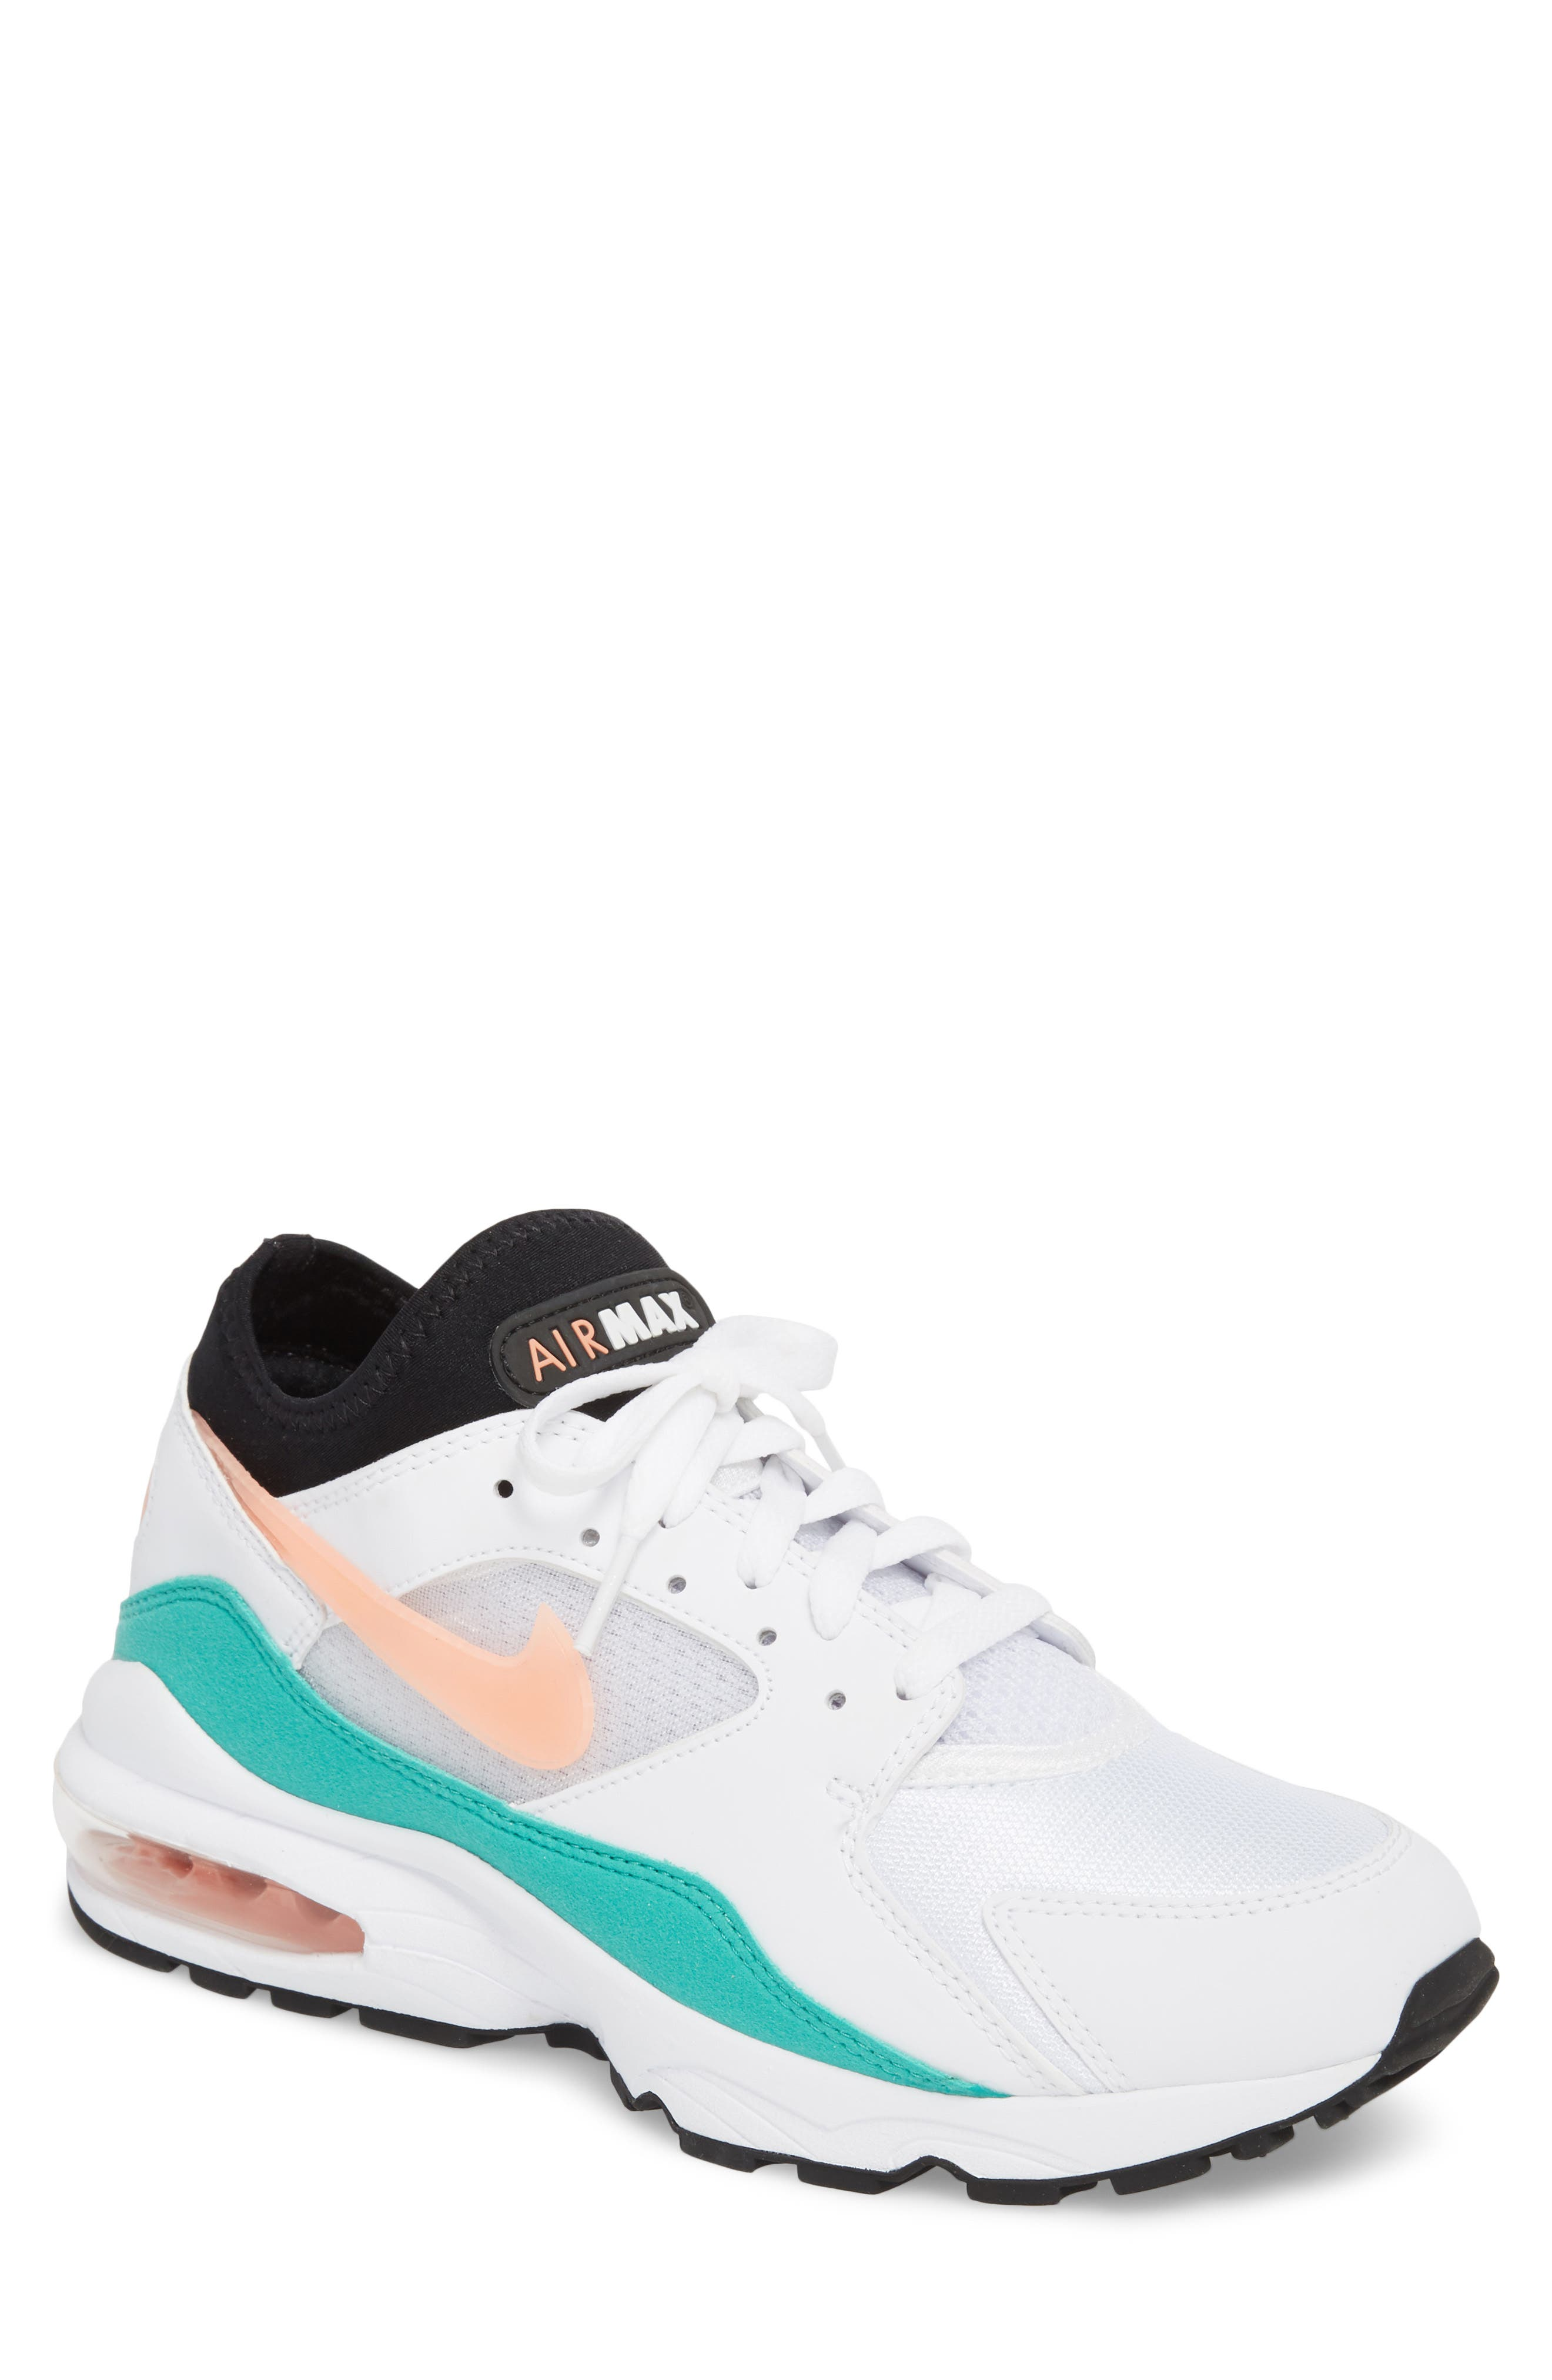 Air Max 93 Sneaker,                             Main thumbnail 1, color,                             WHITE/ CRIMSON BLISS